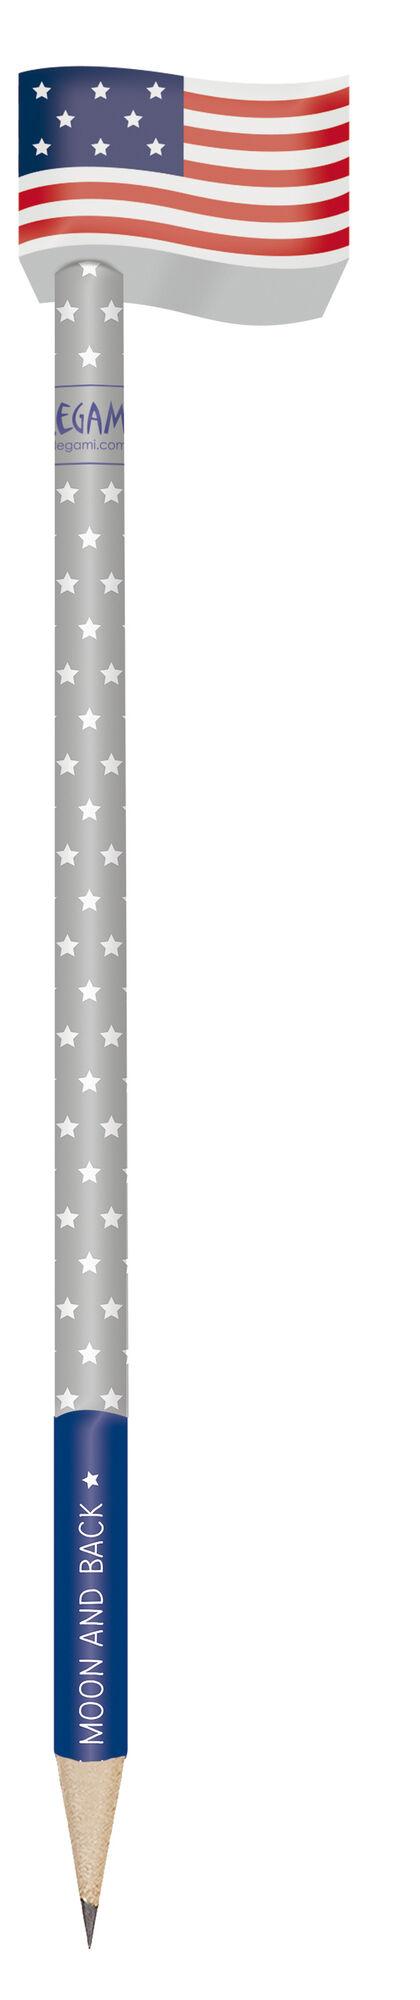 Set To The Moon Legami (1 lápiz + 2 gomas)